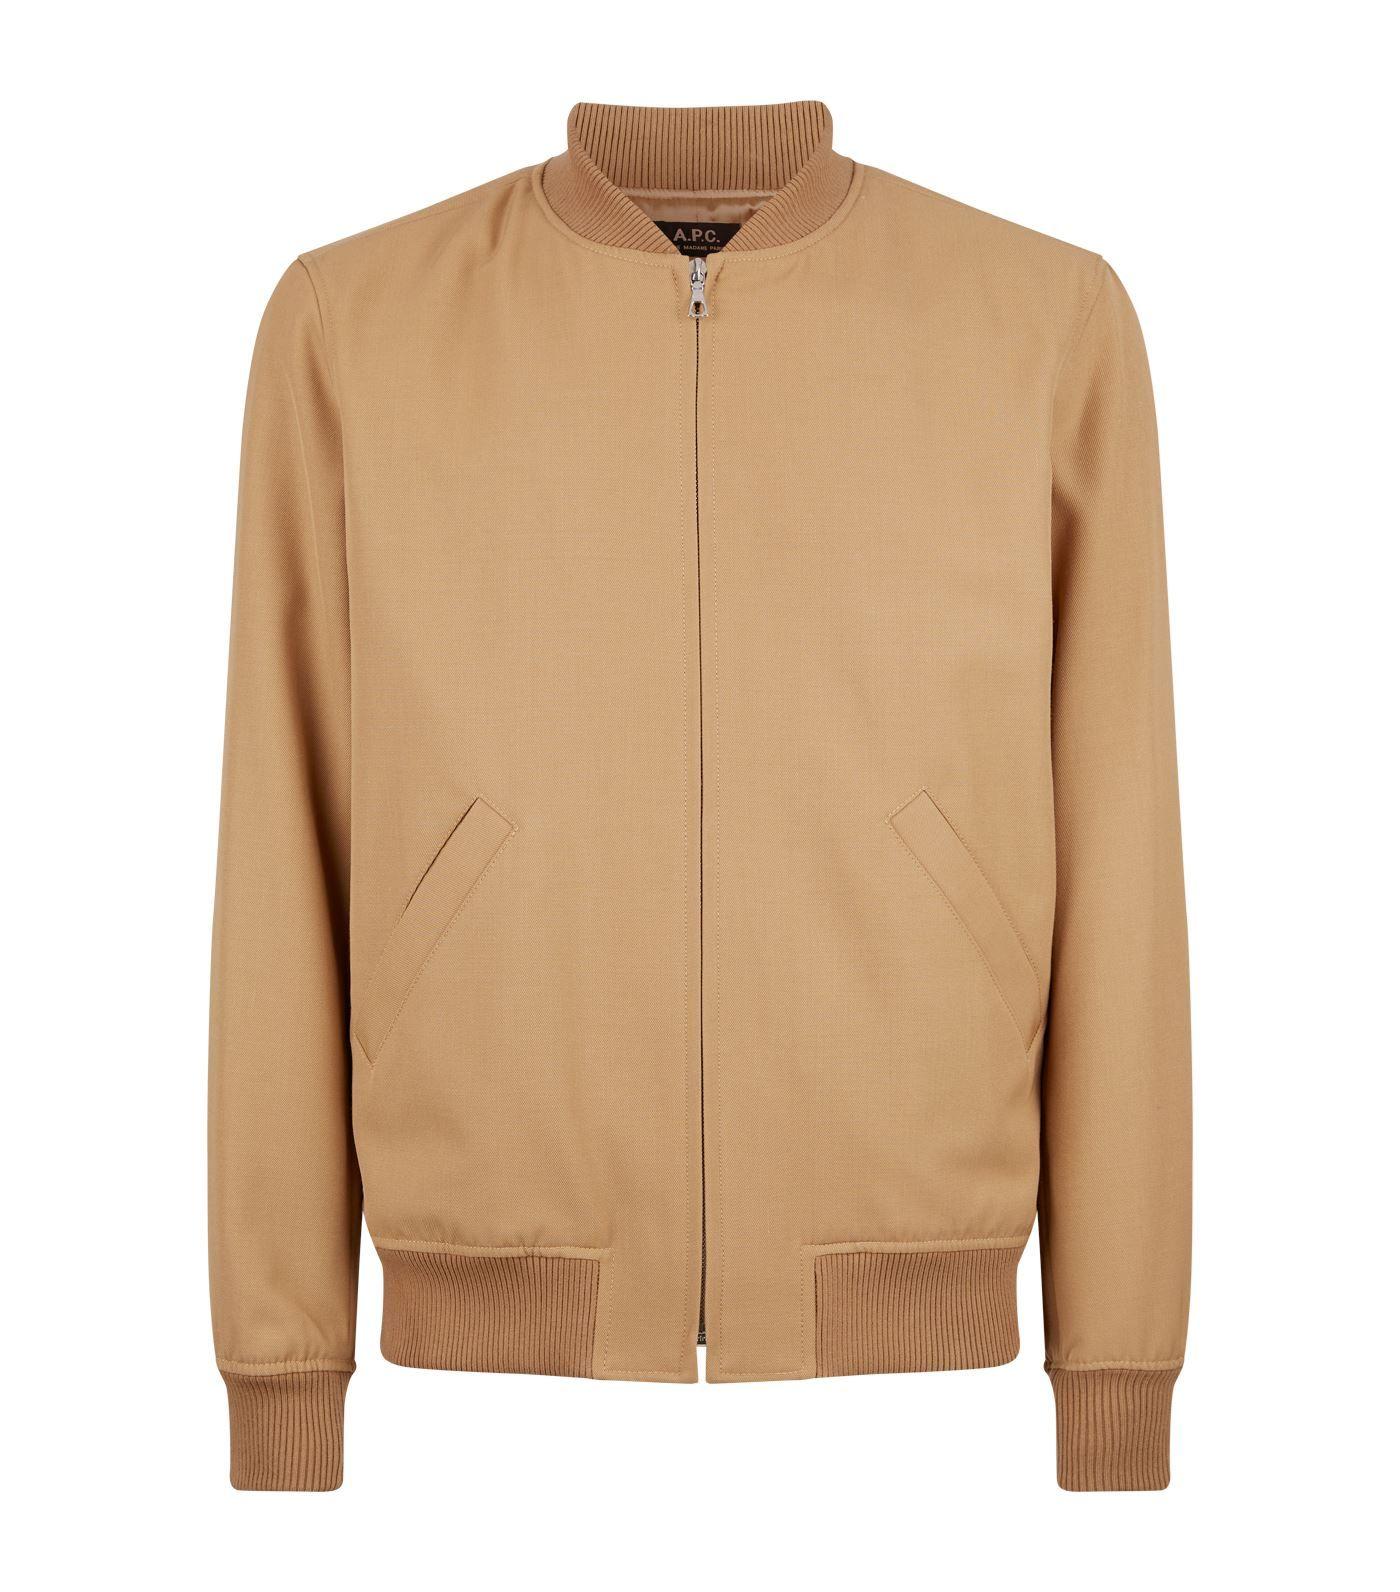 A P C Bomber Jacket A P C Cloth Bomber Jacket Jackets Blazer Coat [ 1592 x 1400 Pixel ]